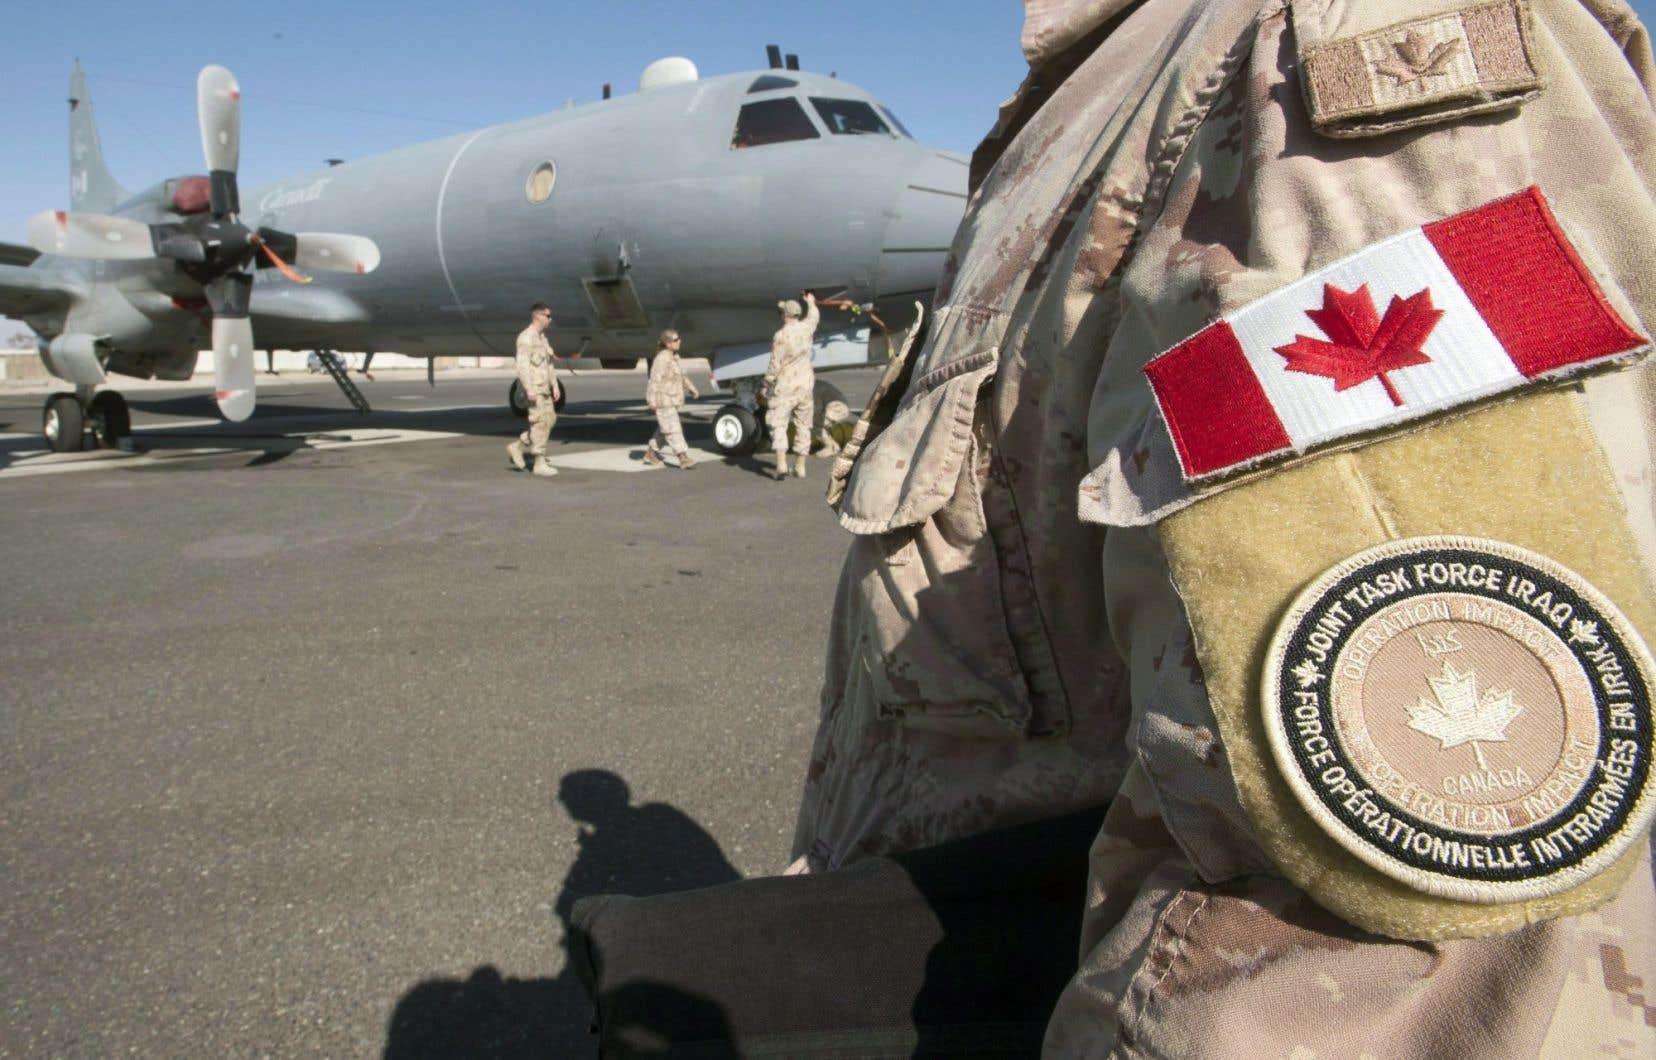 Le Canada figure au sixième rang des pays les plus dépensiers de l'OTAN en matière de défense depuis la dernière décennie.